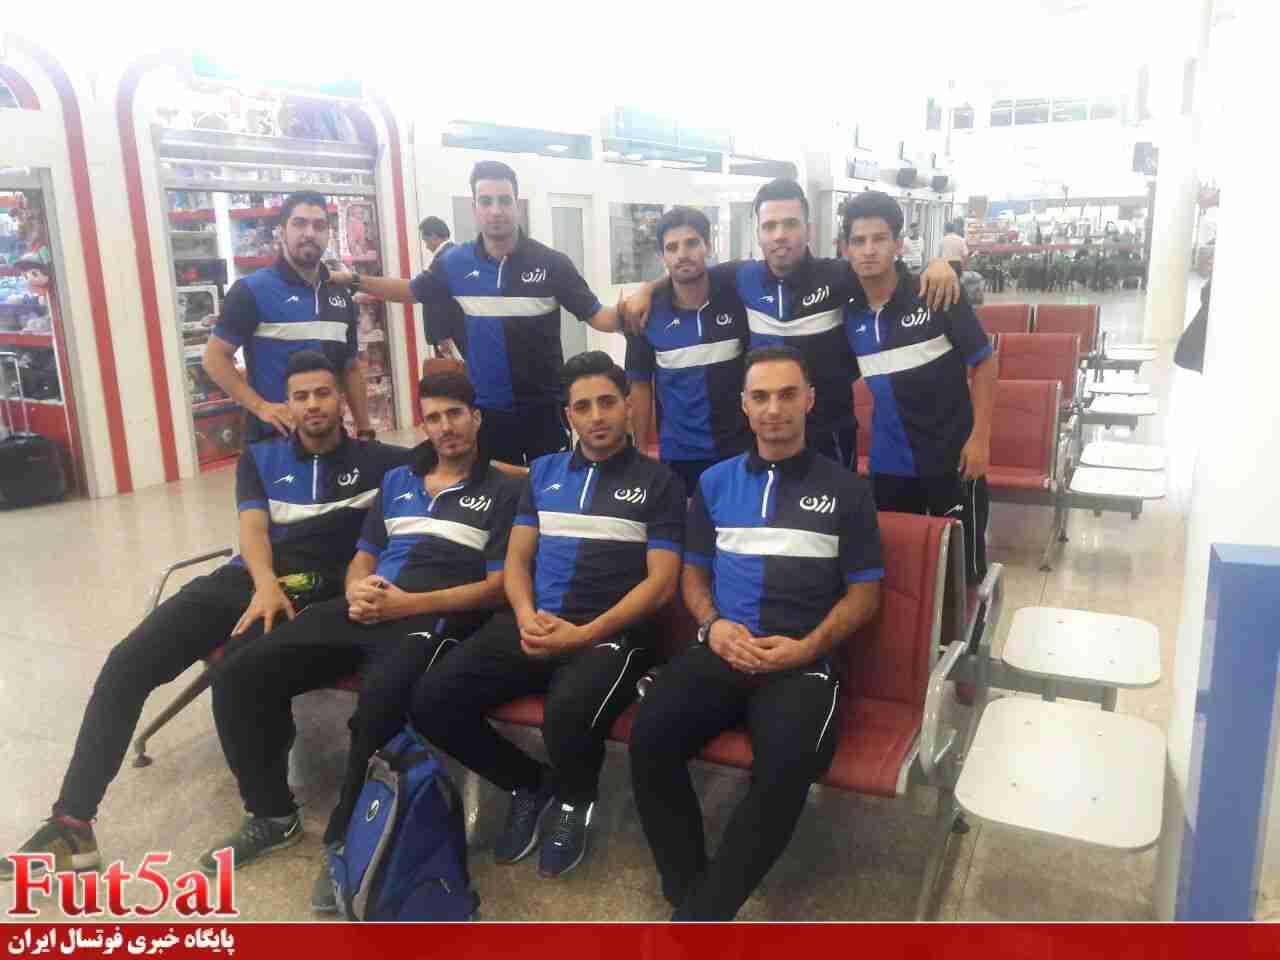 احتمال غیبت ارژن در بازی با مس/ شیرازی ها، ۶ ساعت مانده به بازی در تهران!